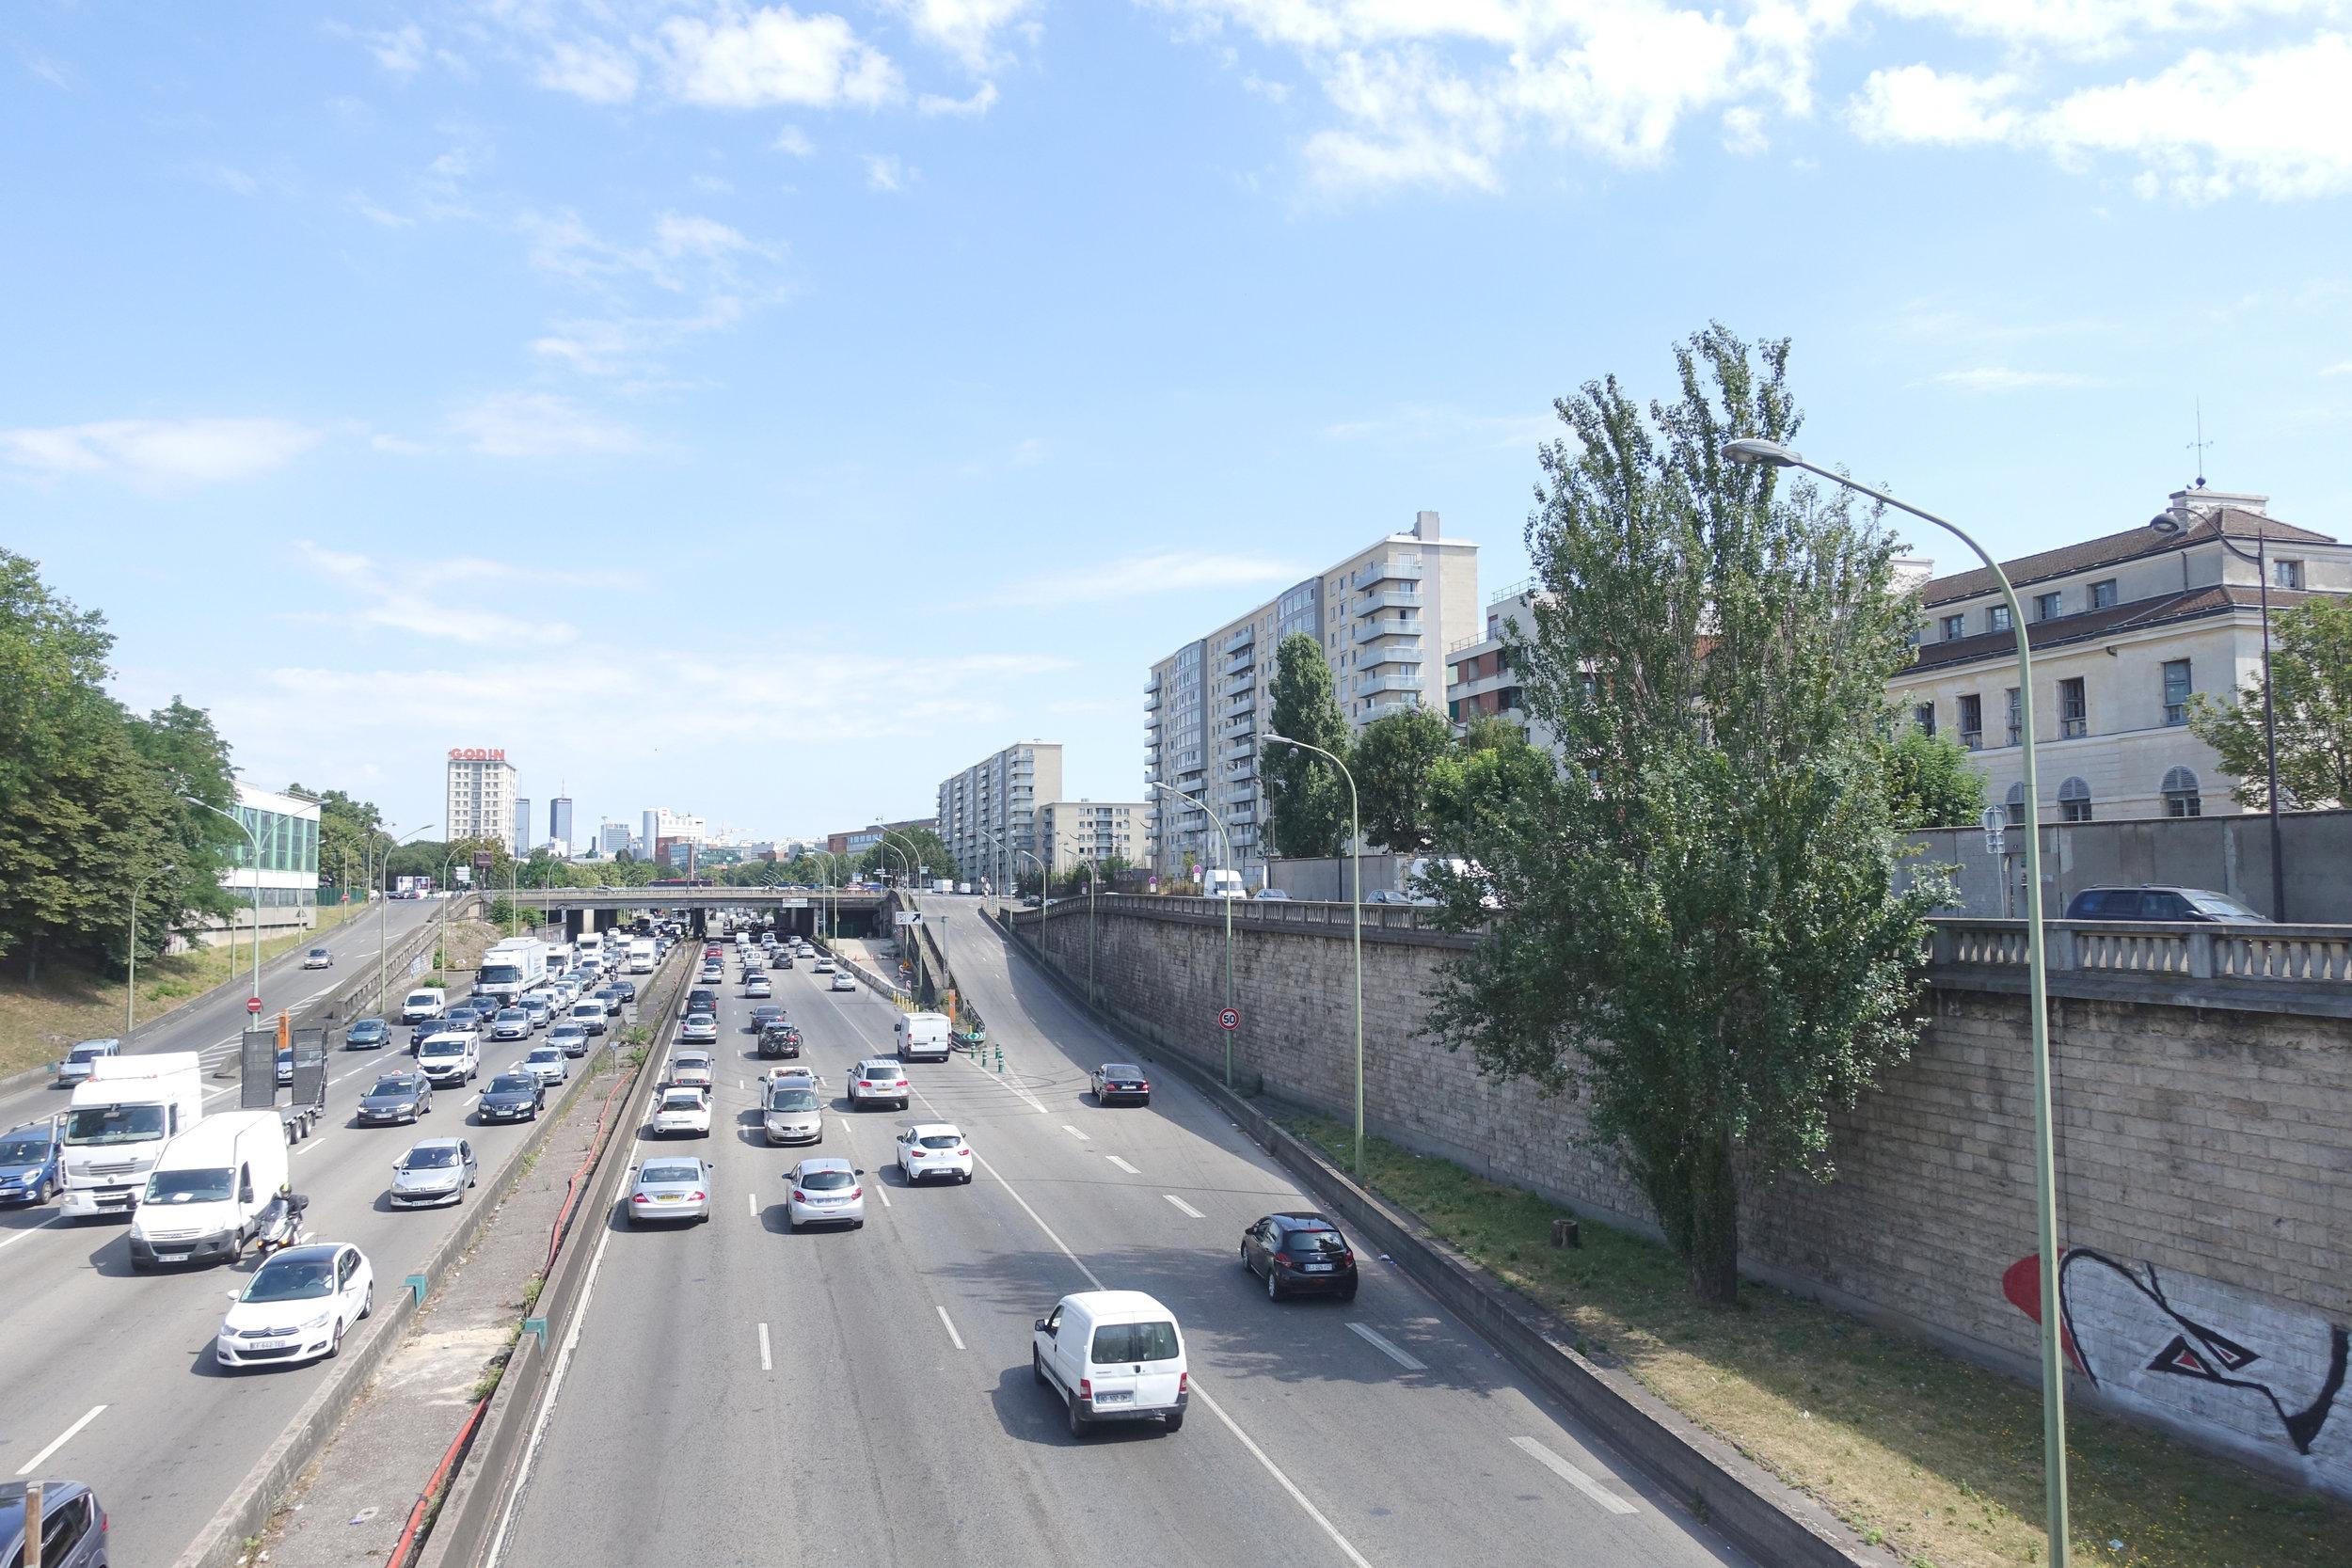 Concours, Ecole Bleue, Porte de Vincennes - Palast est retenu à concourir pour la construction de l'Ecole Bleue pour la RIVP porte de Vincennes, Paris 12e, en collaboration avec l'agence Morris+Company